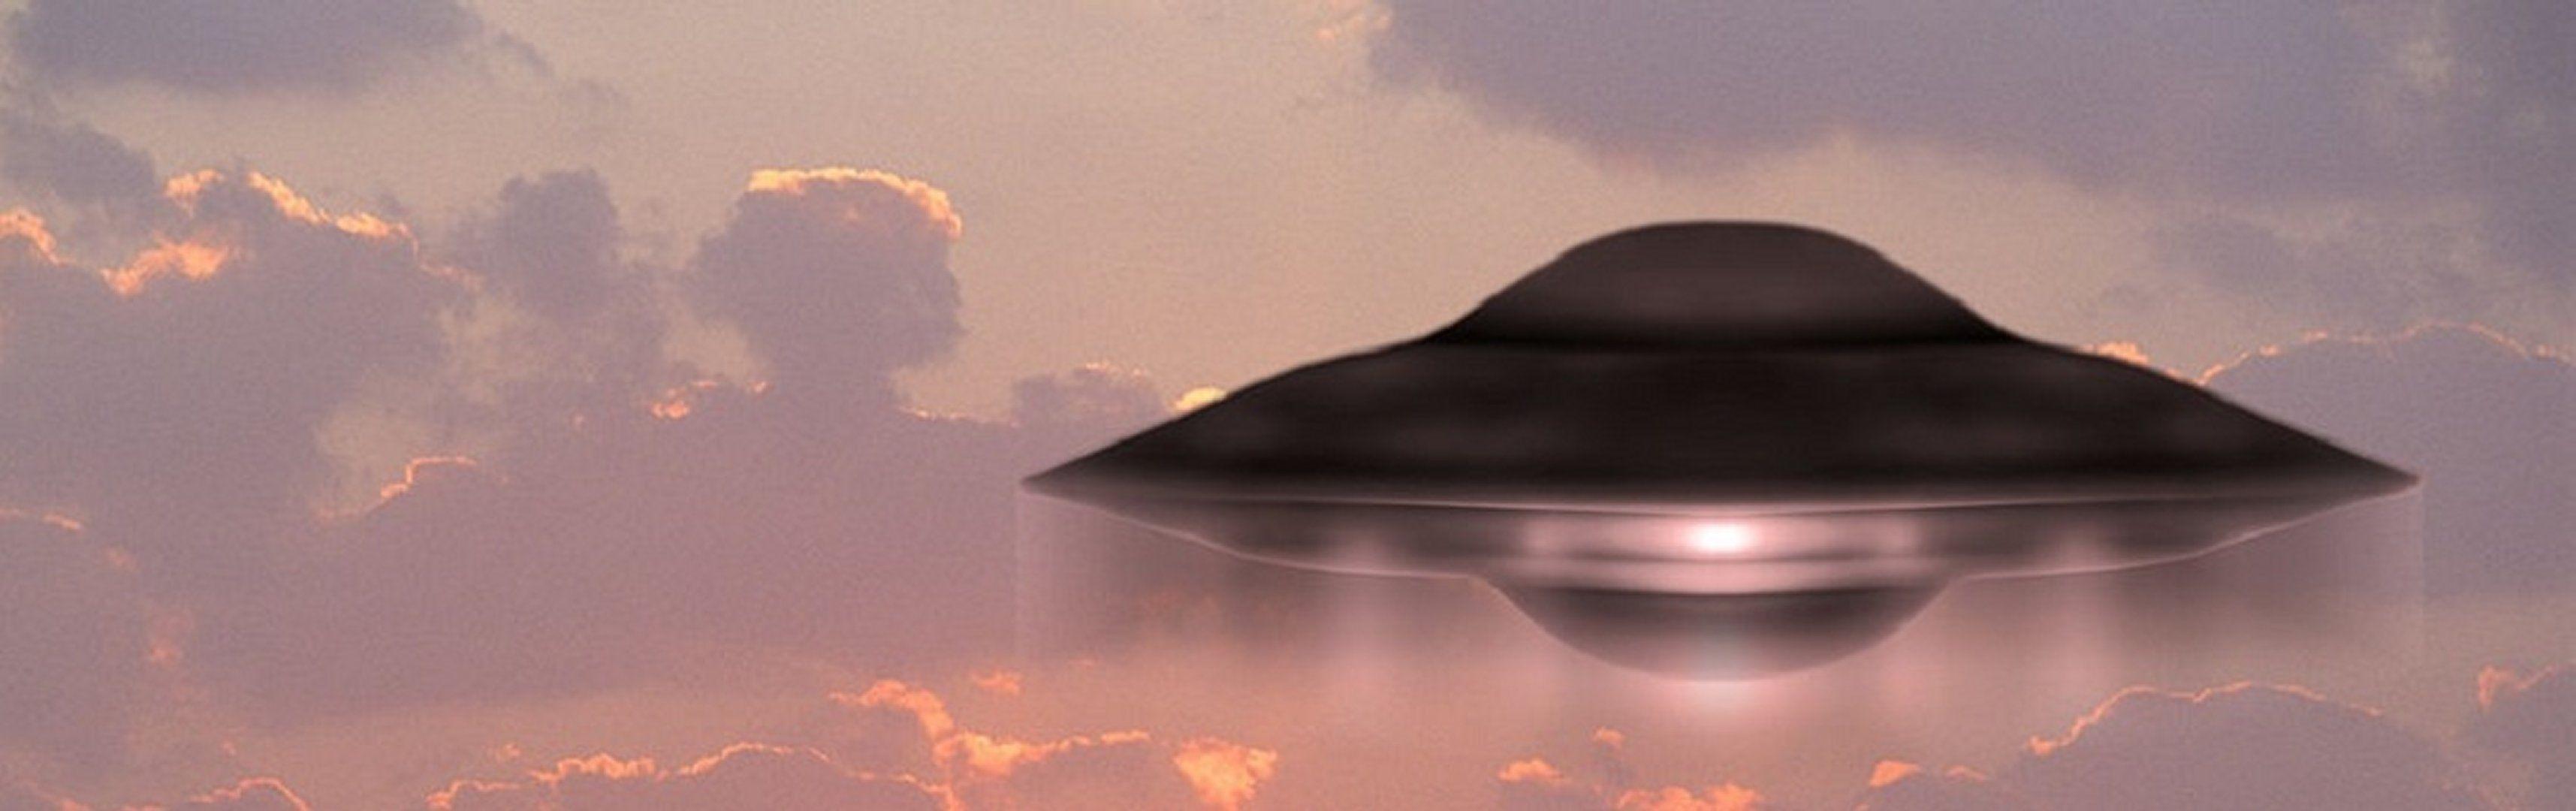 """""""Overheden bereiden burgers voor op onthullingen over buitenaards bezoek"""" - http://www.ninefornews.nl/overheden-burgers-onthullingen-buitenaards/"""